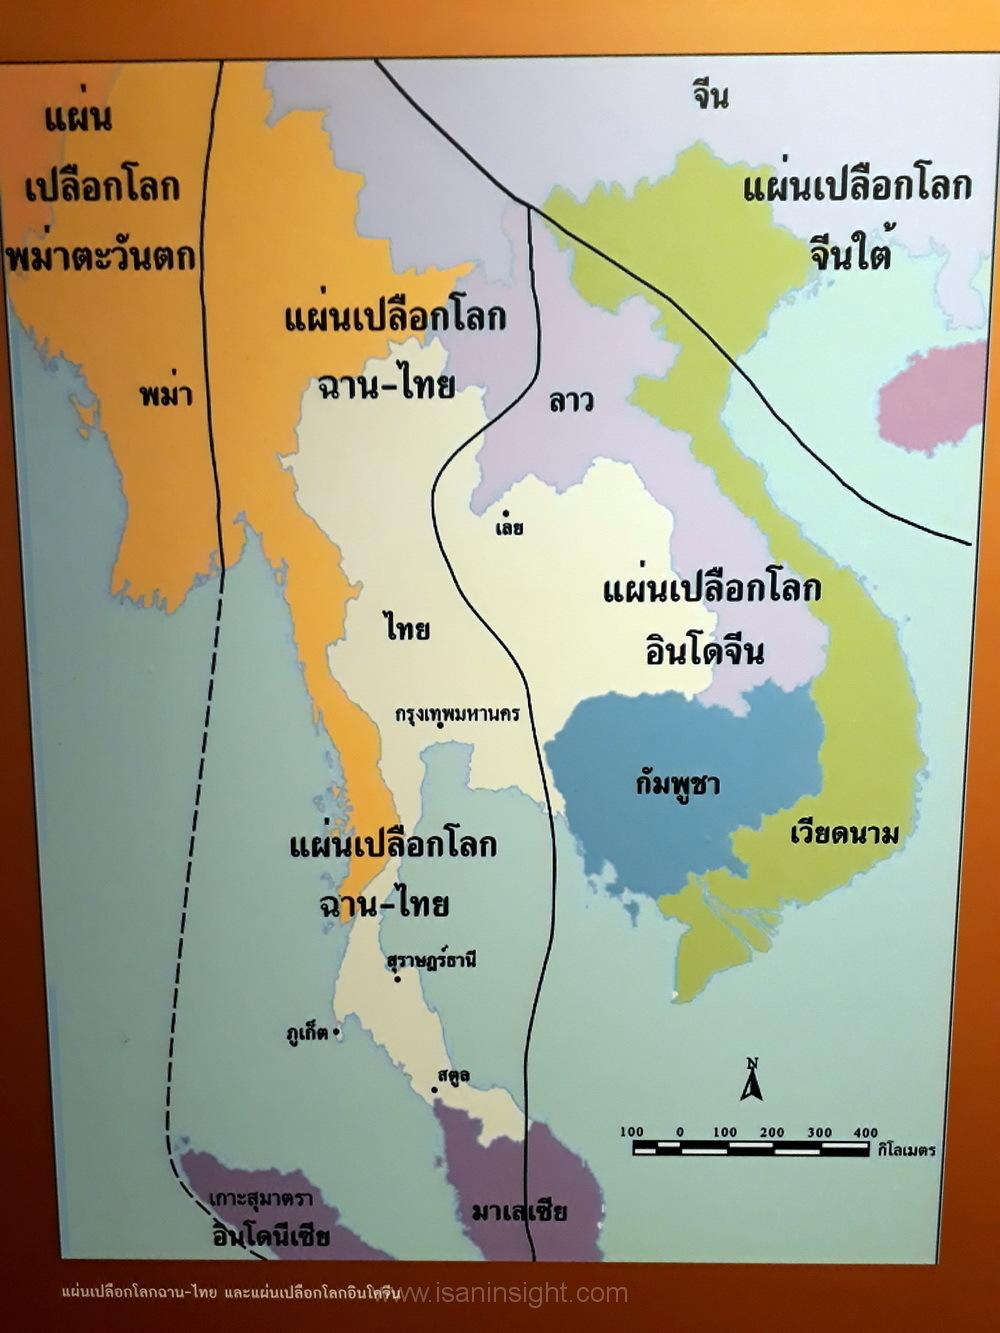 แผ่นเปลือกโลกอินโดจีน ที่ราบสูงโคราช พื้นที่ภาคอีสาน ภูมิศาสตร์ ภาคตะวันออกเฉียงเหนือ พื้นที่กายภาพภาคอีสาน